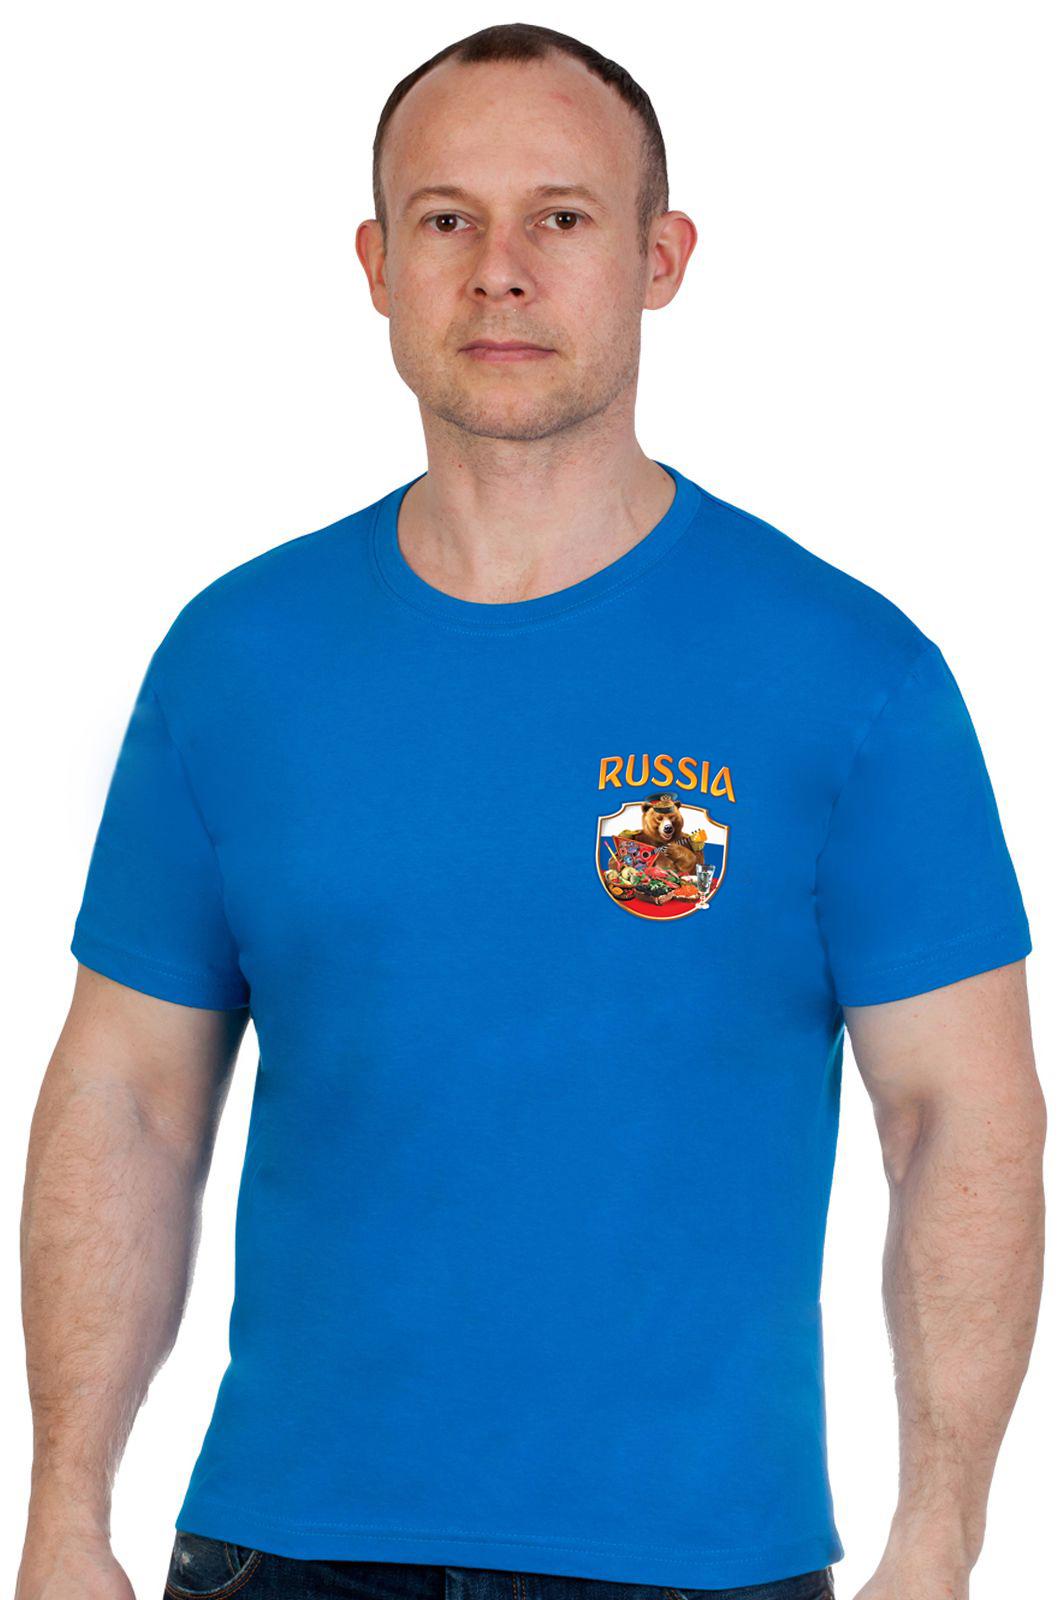 Купить оригинальную хлопковую футболку РОССИЯ оптом выгодно